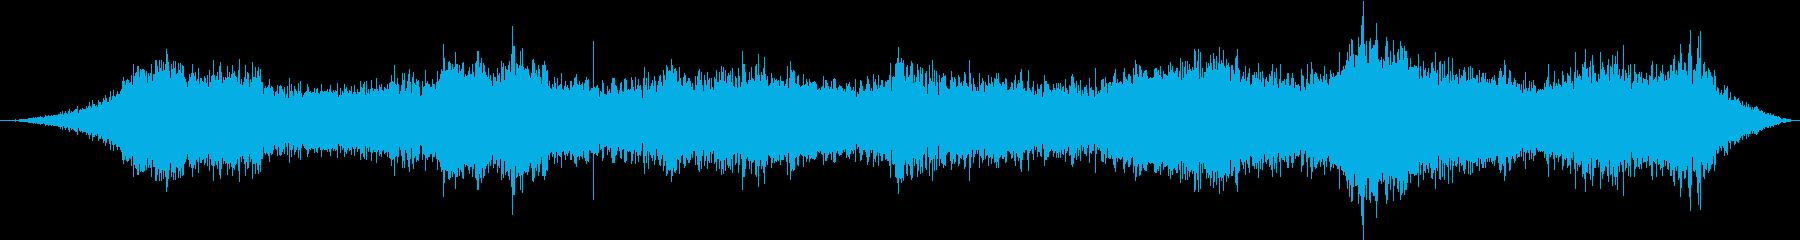 都市の環境音1の再生済みの波形